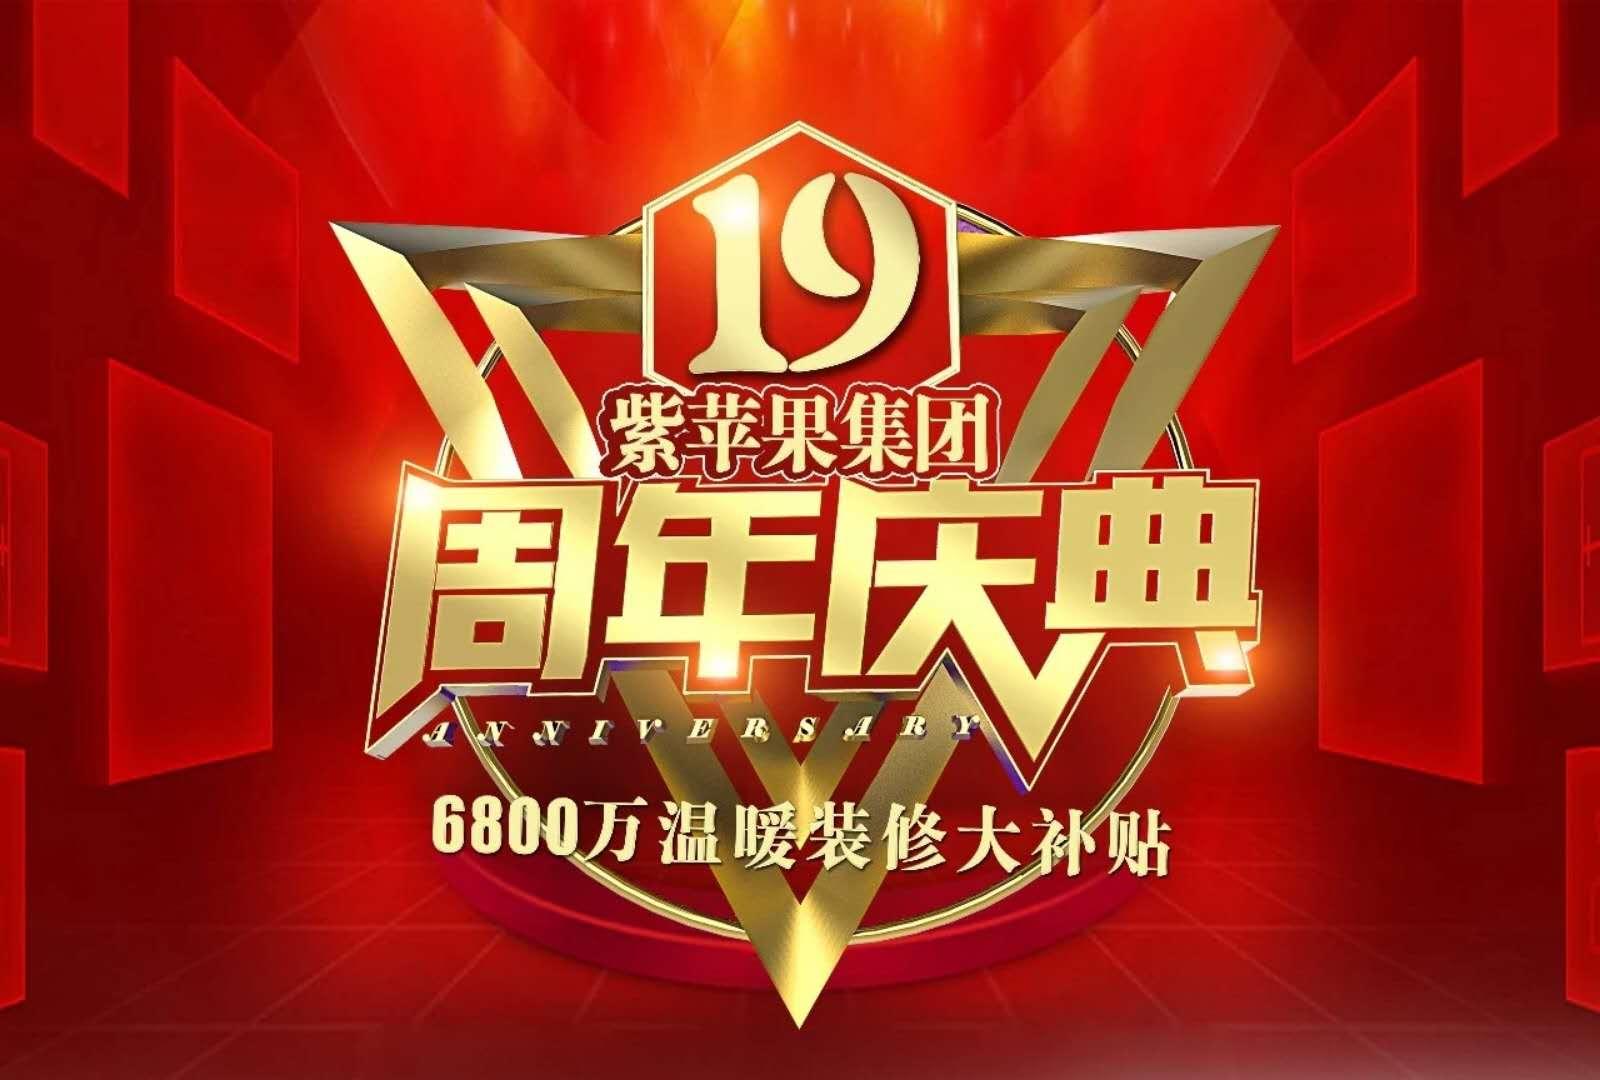 紫苹果集团—19周年庆典!6800万感恩回馈龙城!